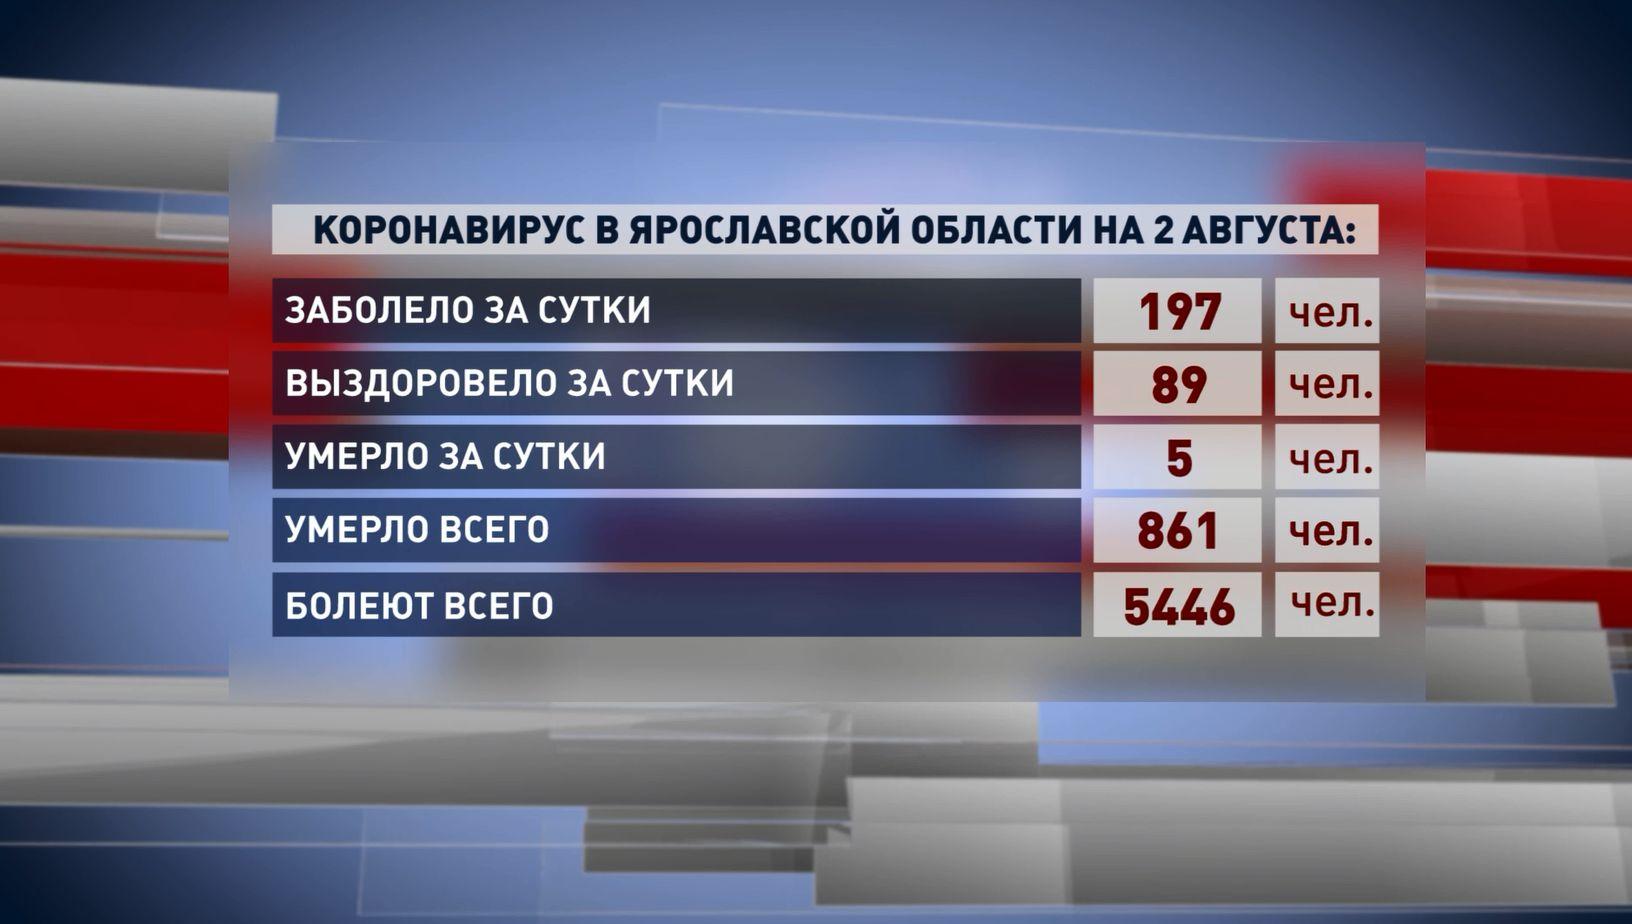 В Ярославской области зарегистрировано 197 новых случаев заражения коронавирусом